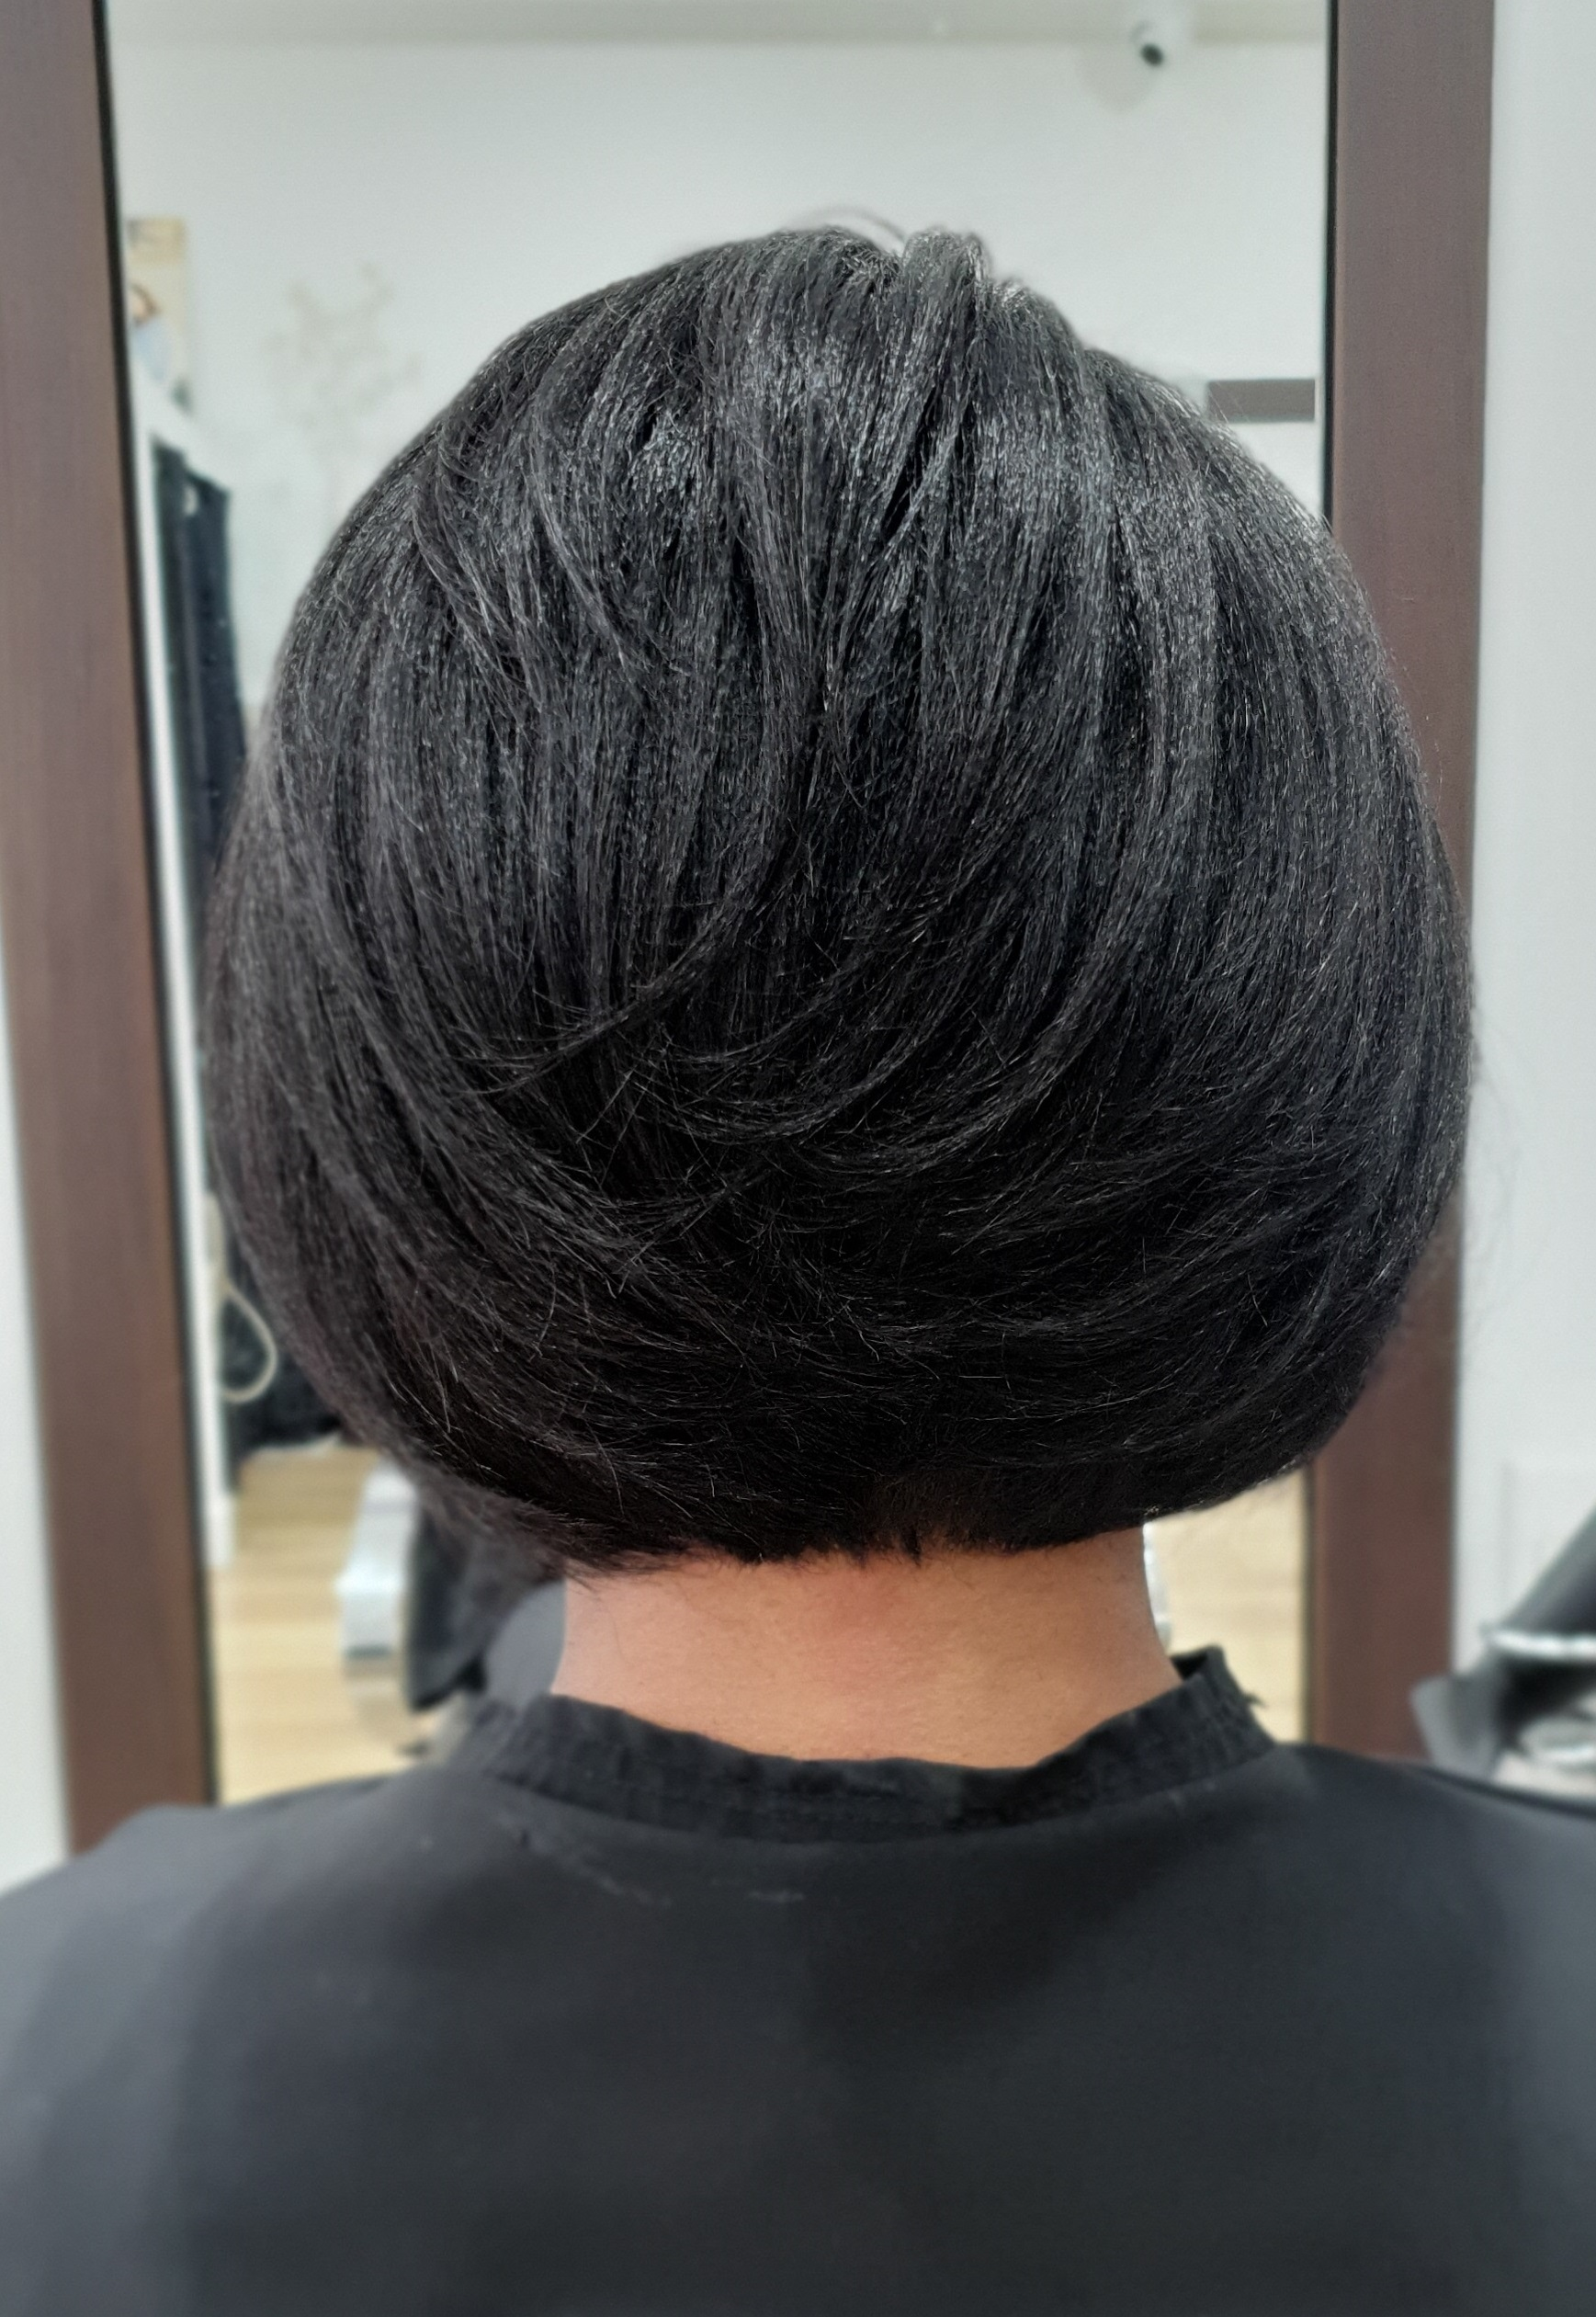 salon de coiffure afro tresse tresses box braids crochet braids vanilles tissages paris 75 77 78 91 92 93 94 95 SEODBTBS